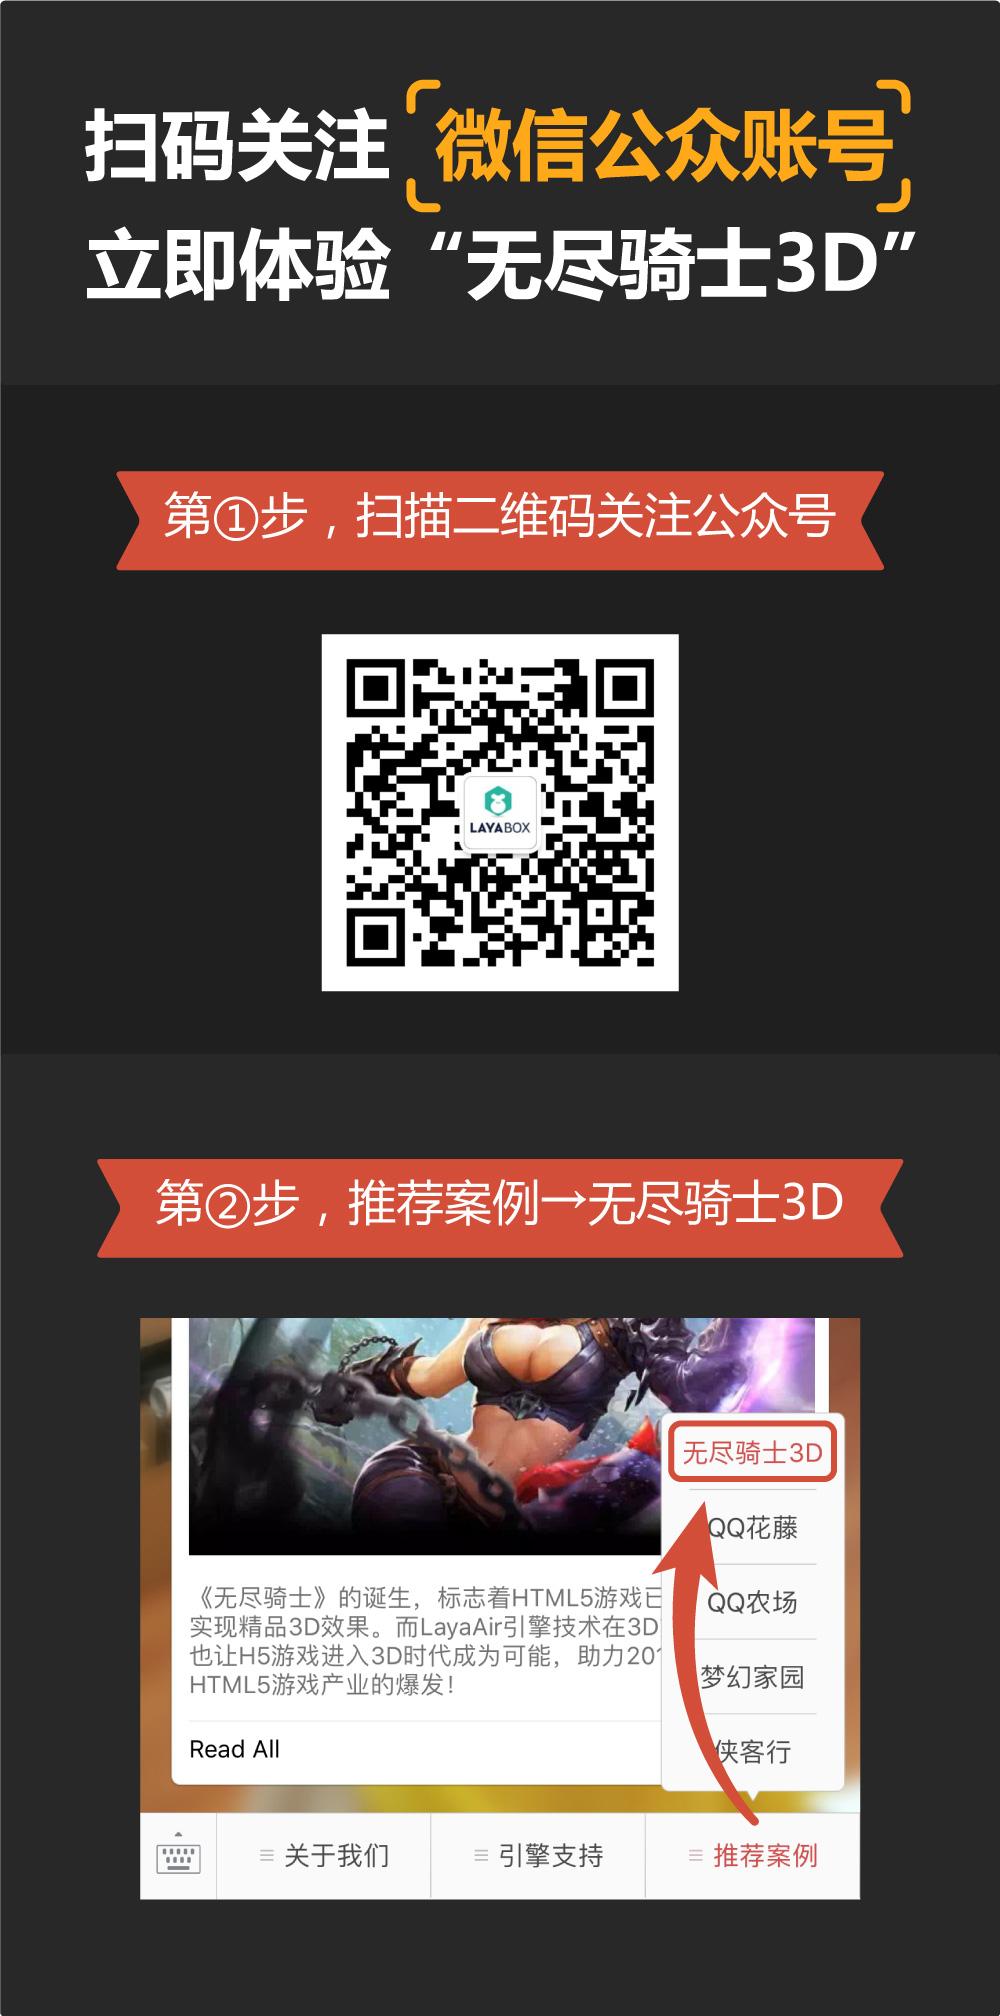 pr引导2-2016-12-8.jpg